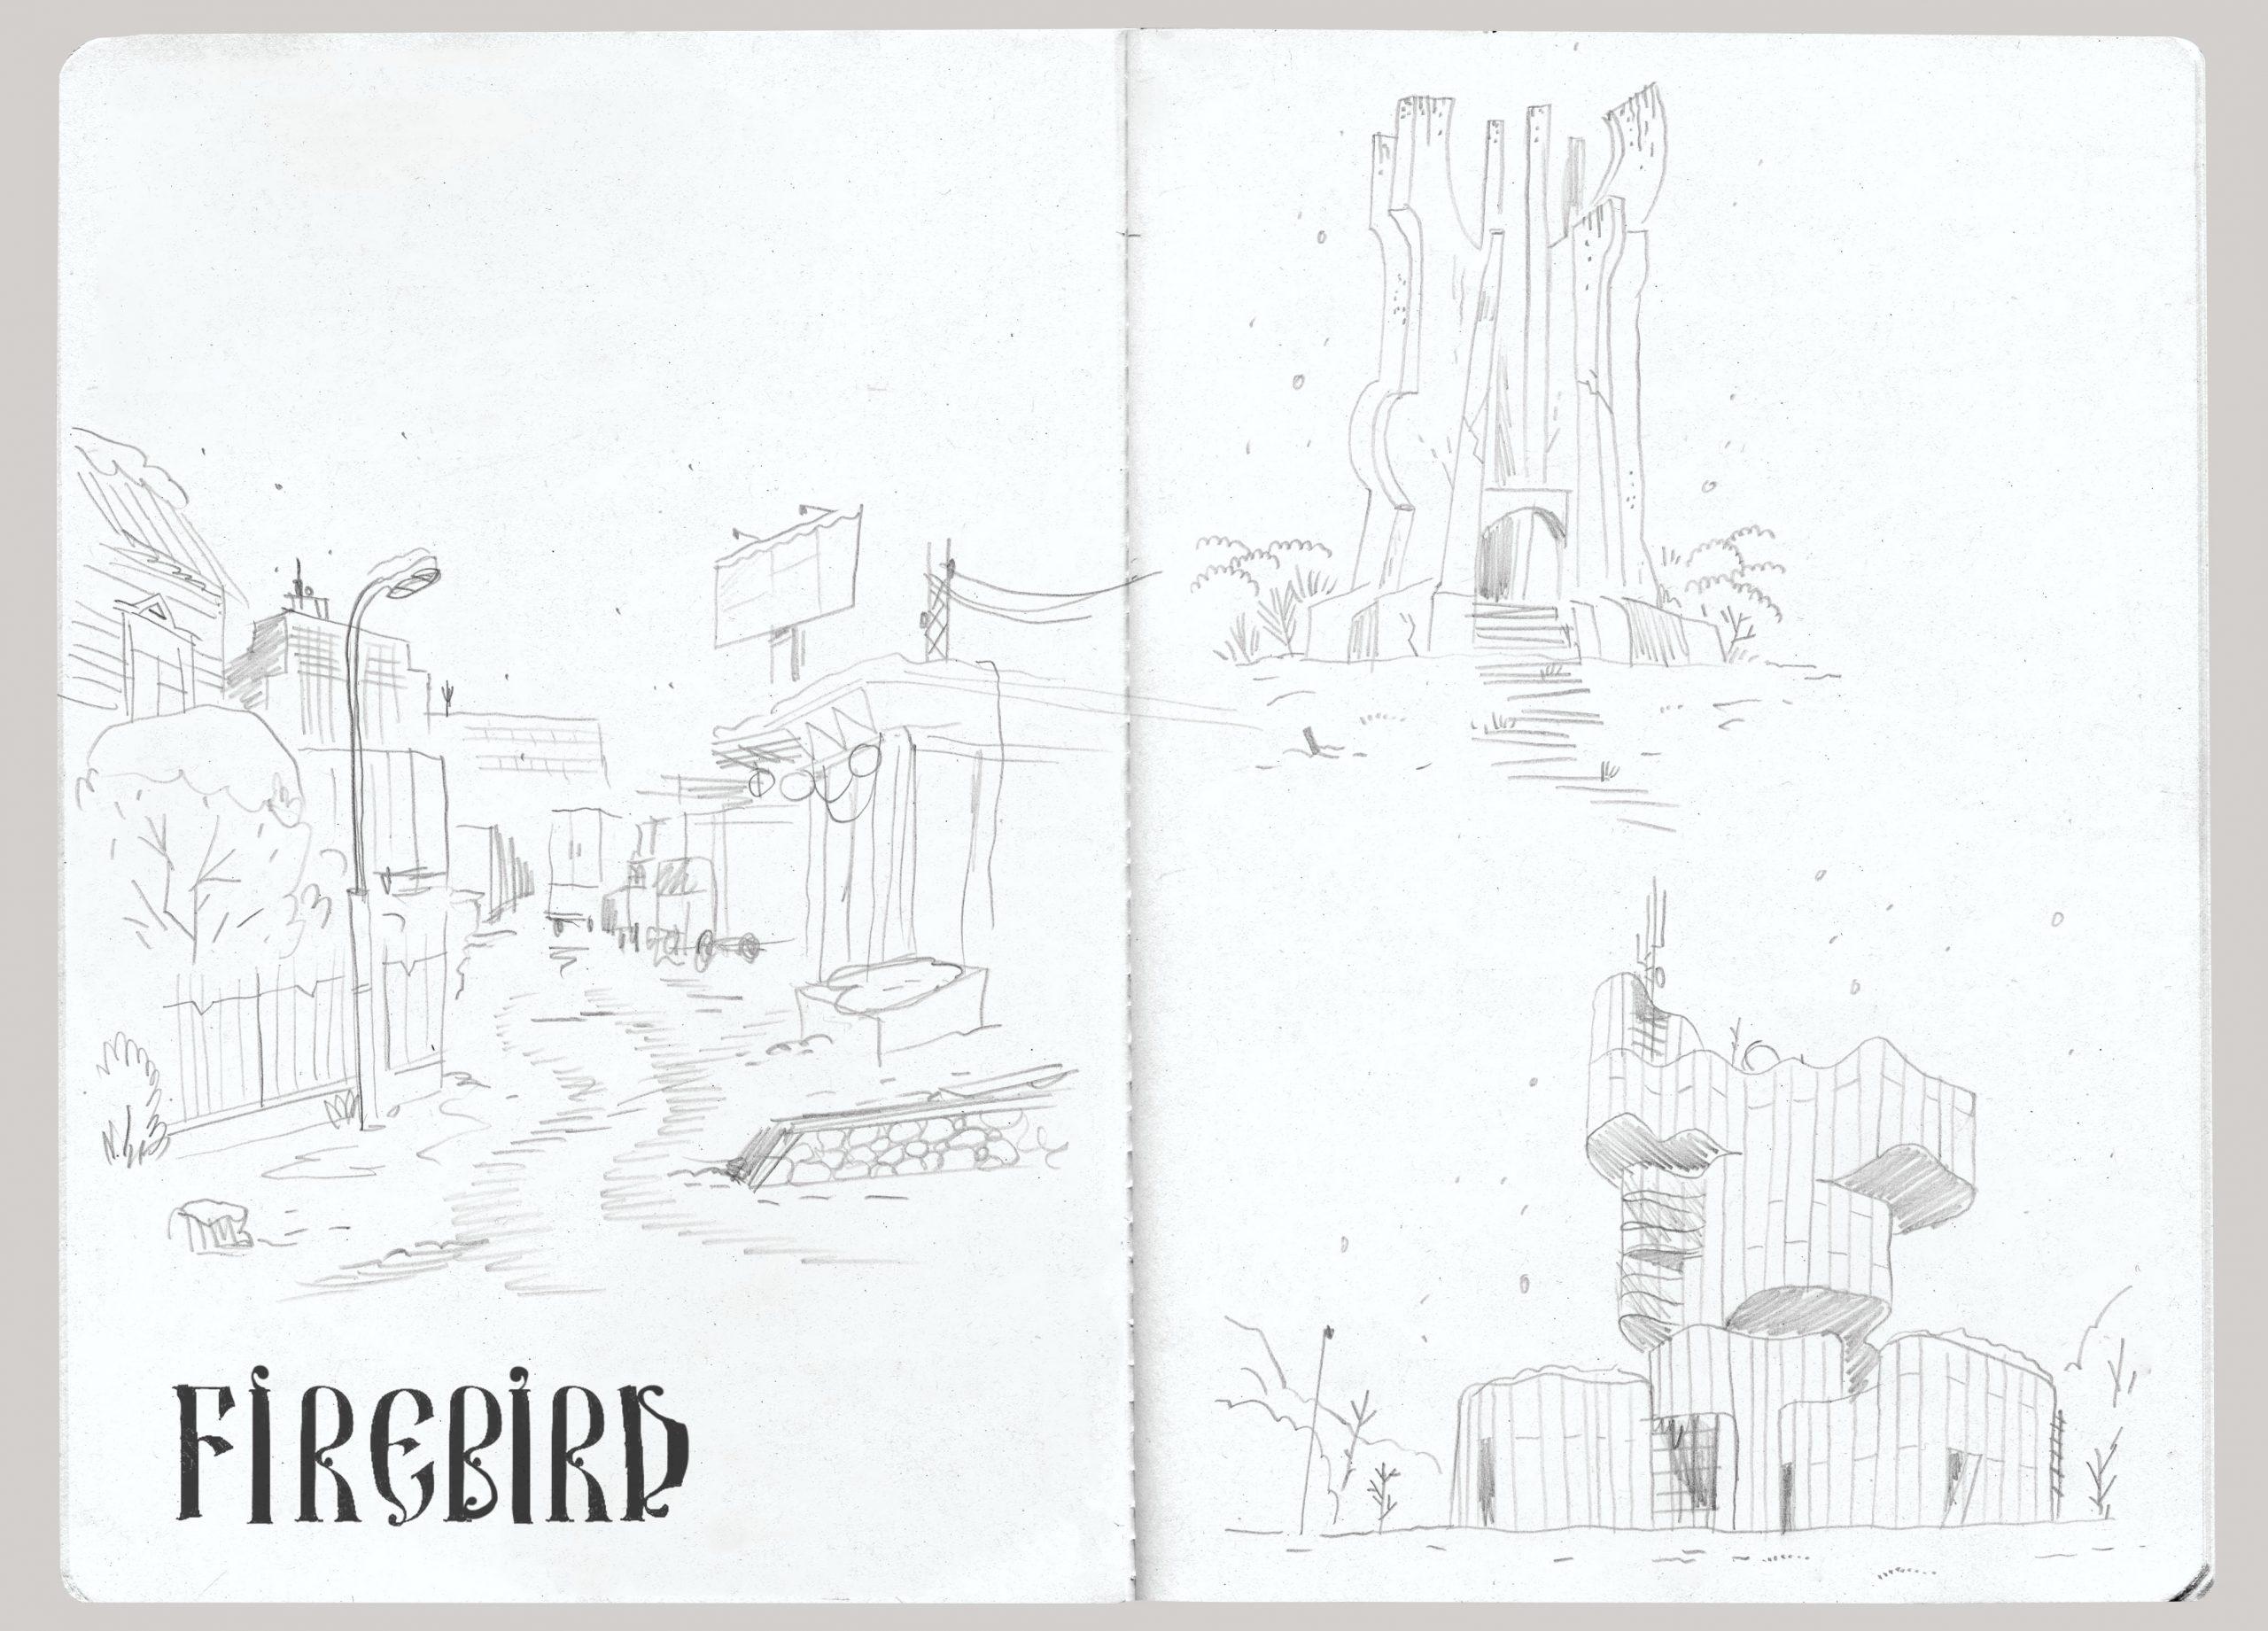 Firebird-carnet-1